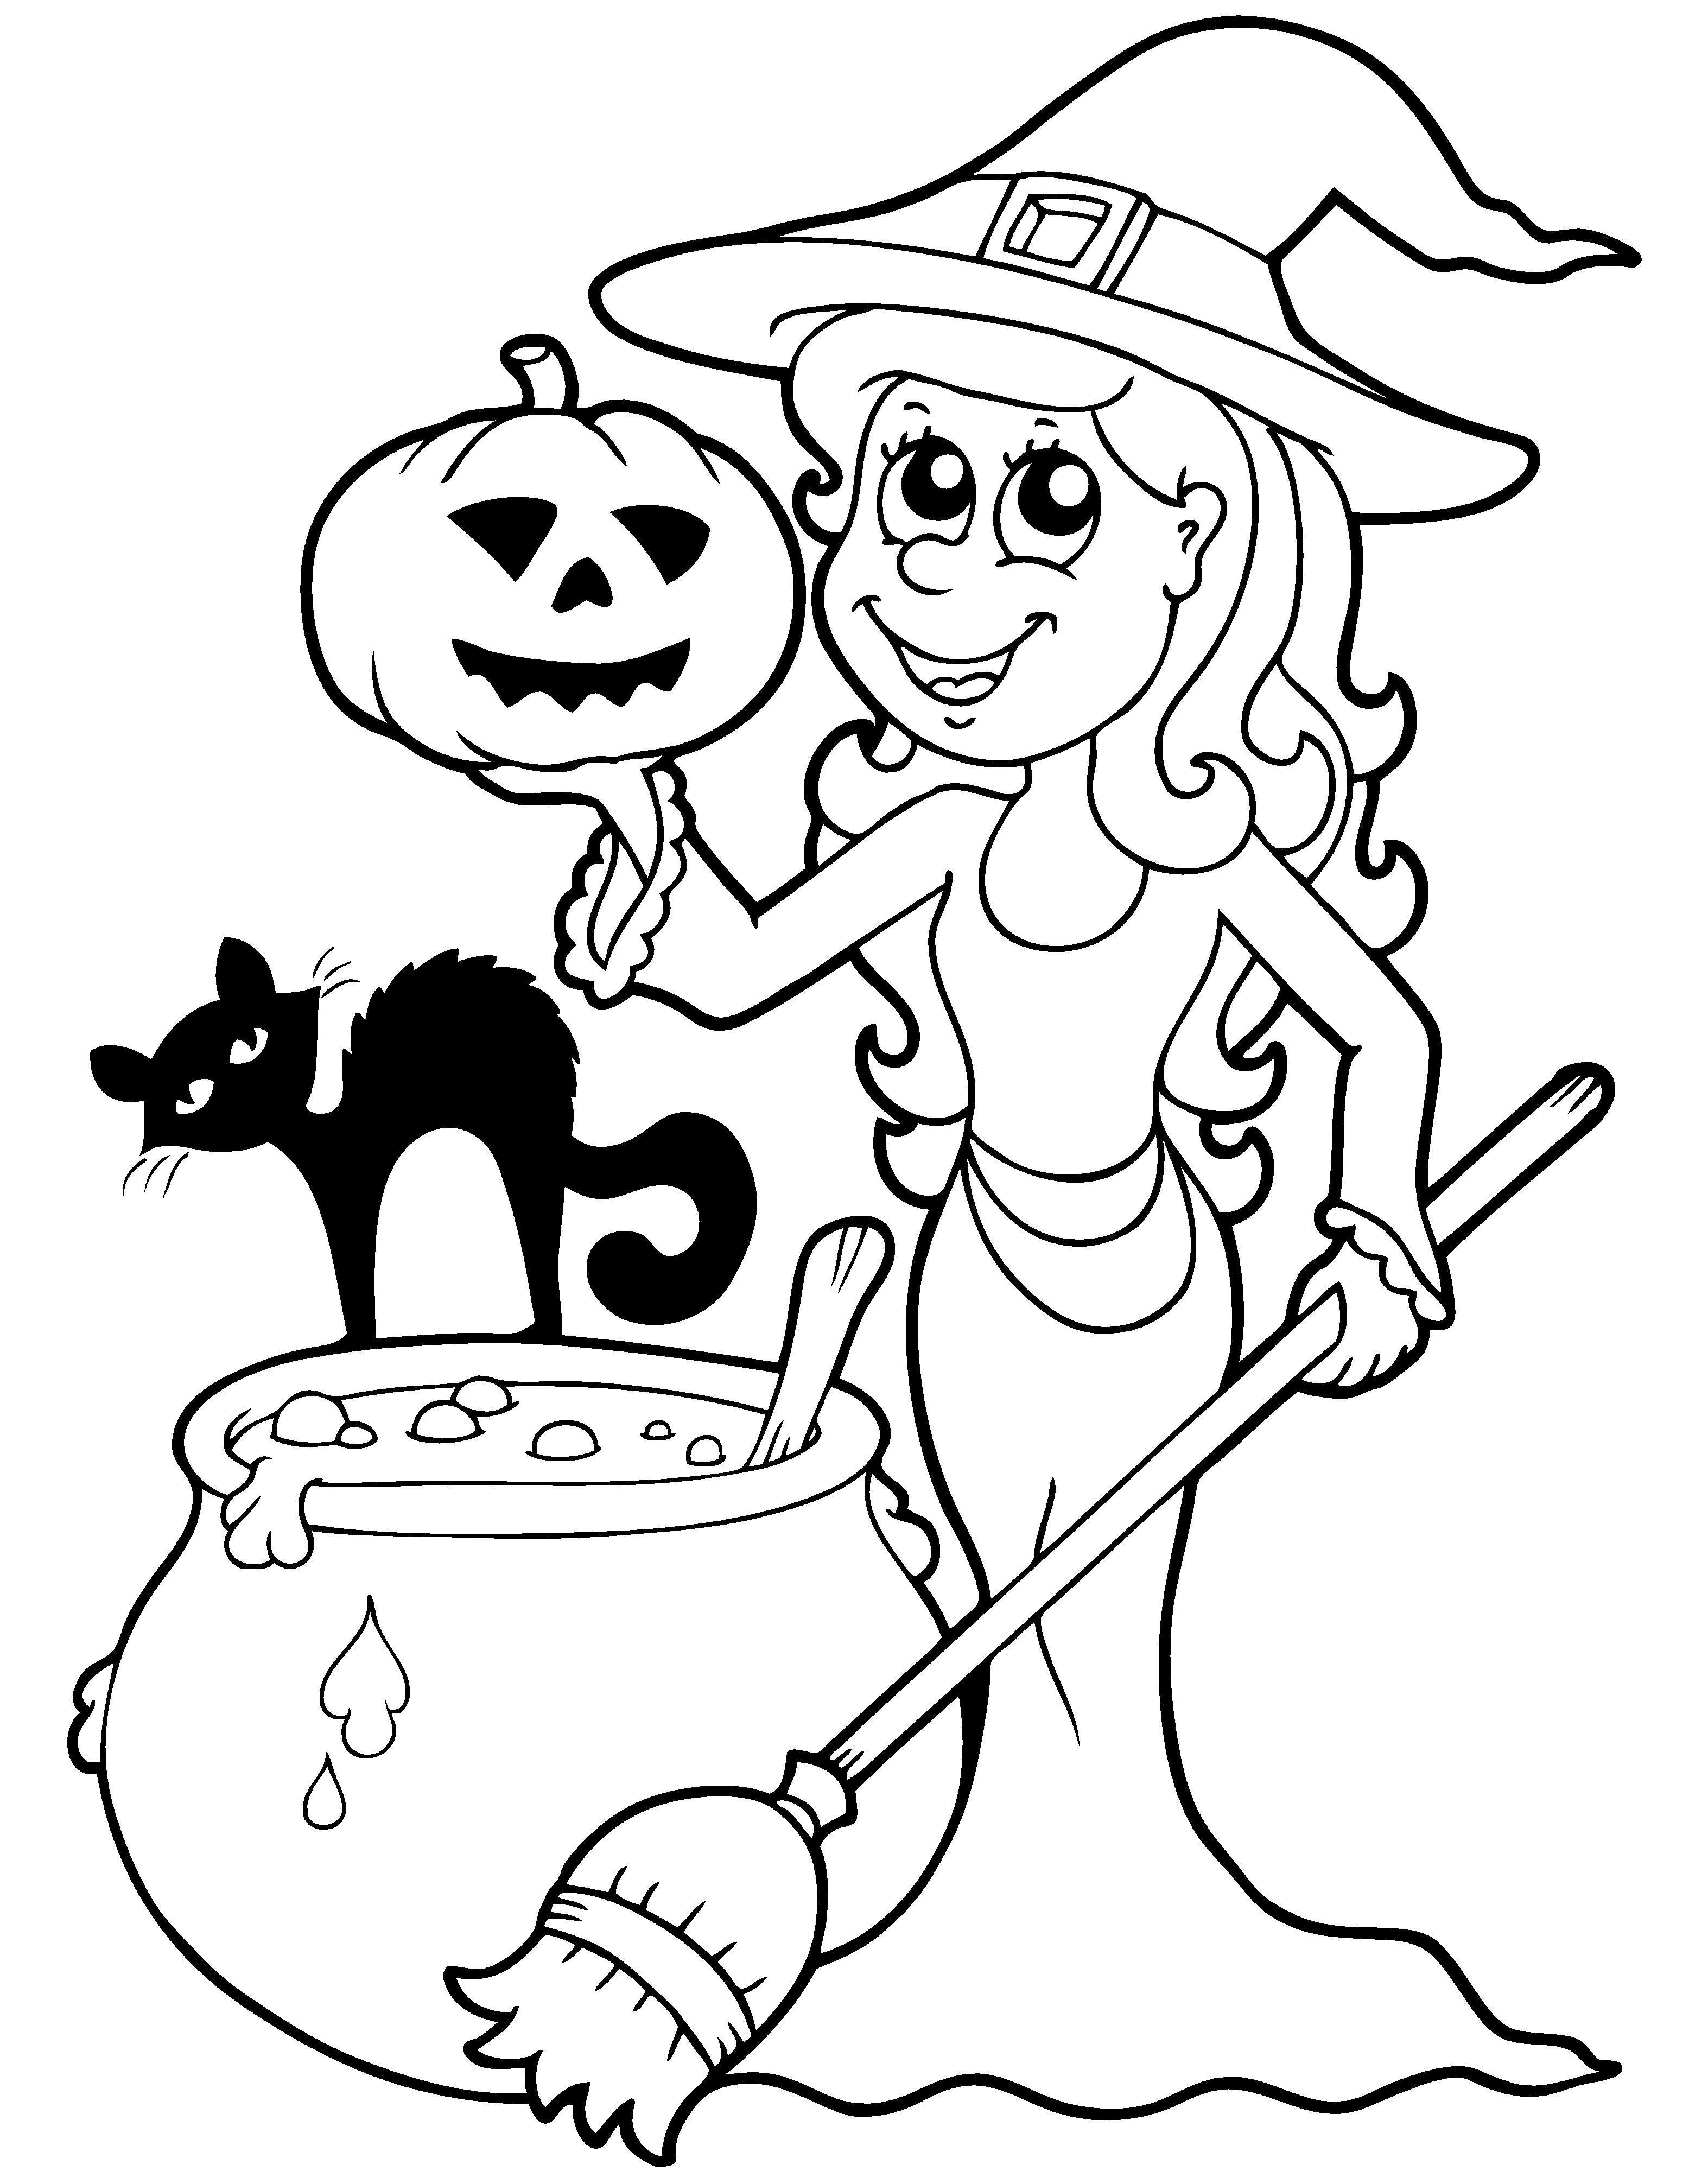 Een Leuke Kleurplaat Voor Halloween Kijk Op De Surfsleutel Voor De Printversie Halloween Tekeningen Halloween Foto S Knutselen Met Halloween